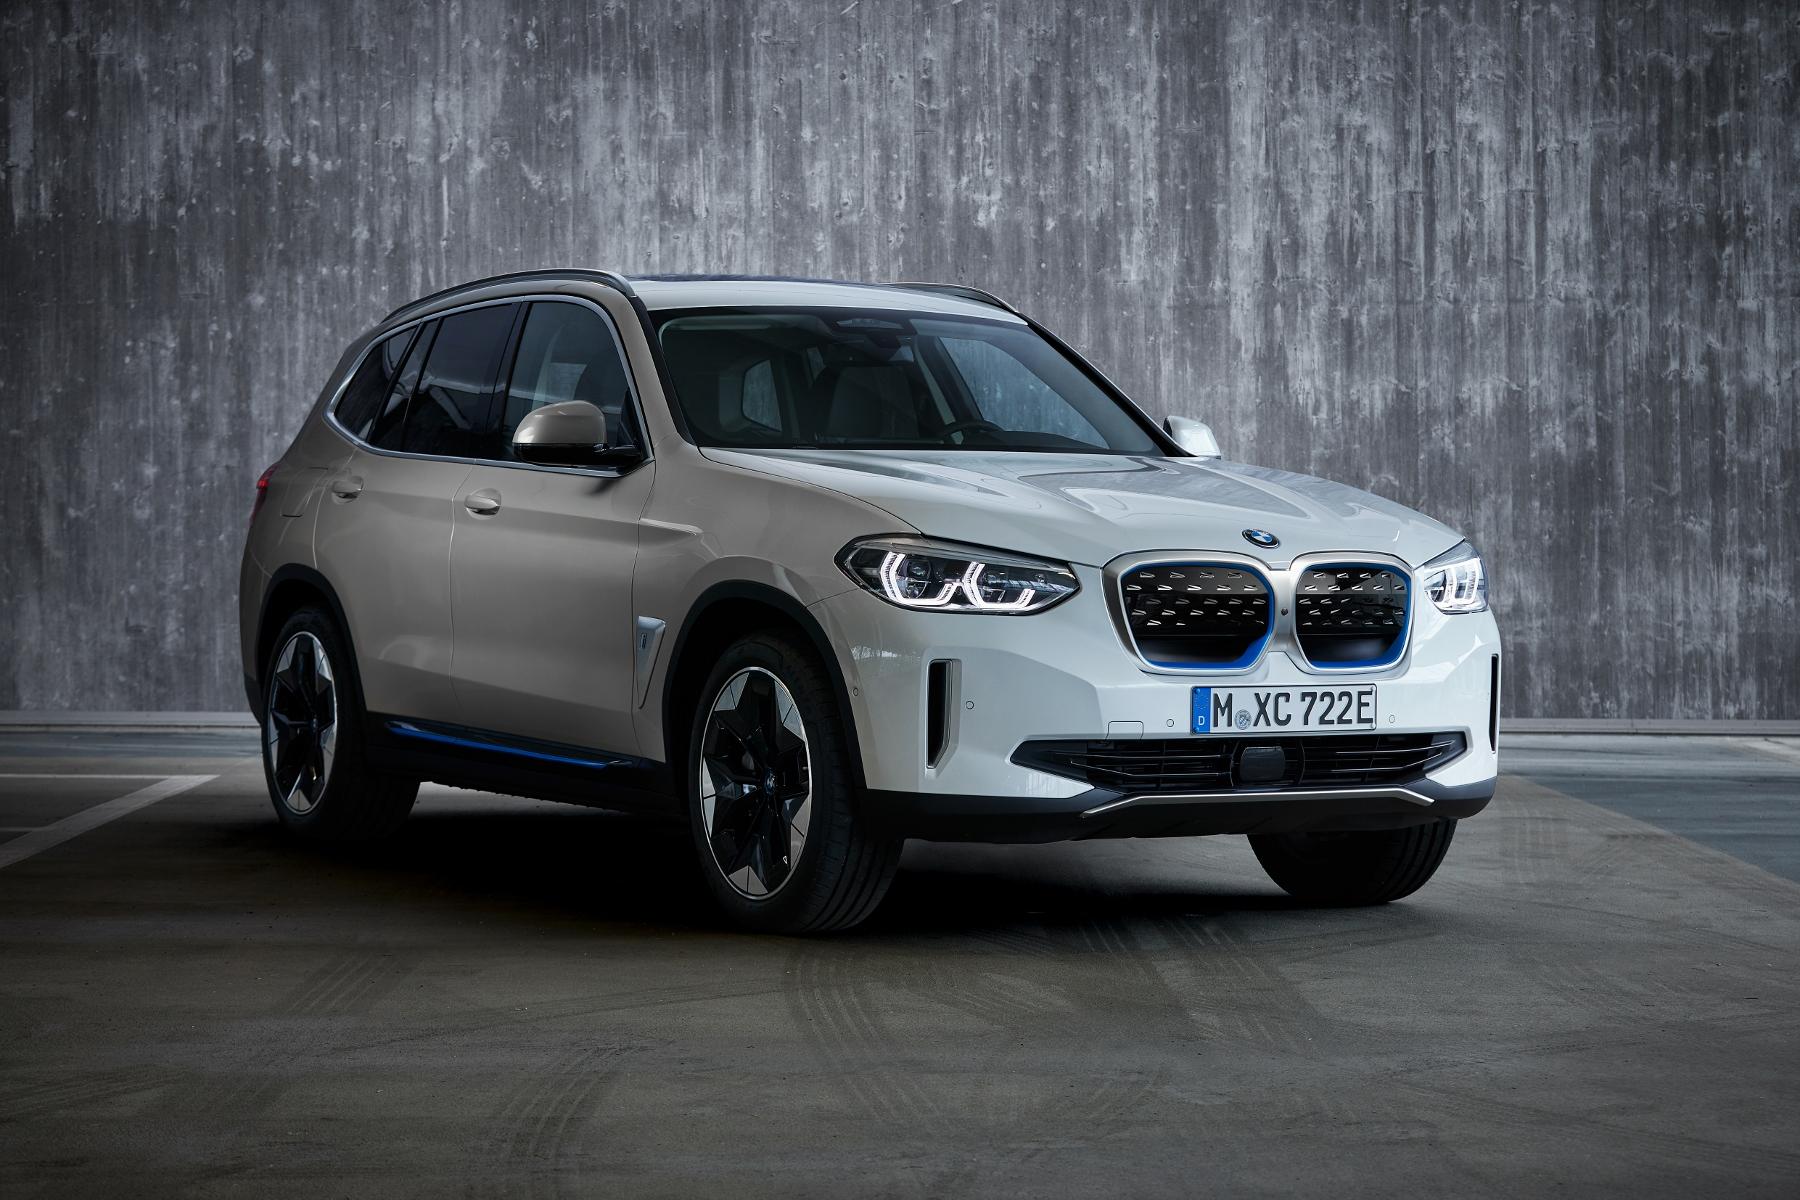 BMW ukázalo elektrické SUV iX3 s dojazdom 459 km LKOAXDPcJV bmw-ix3-8